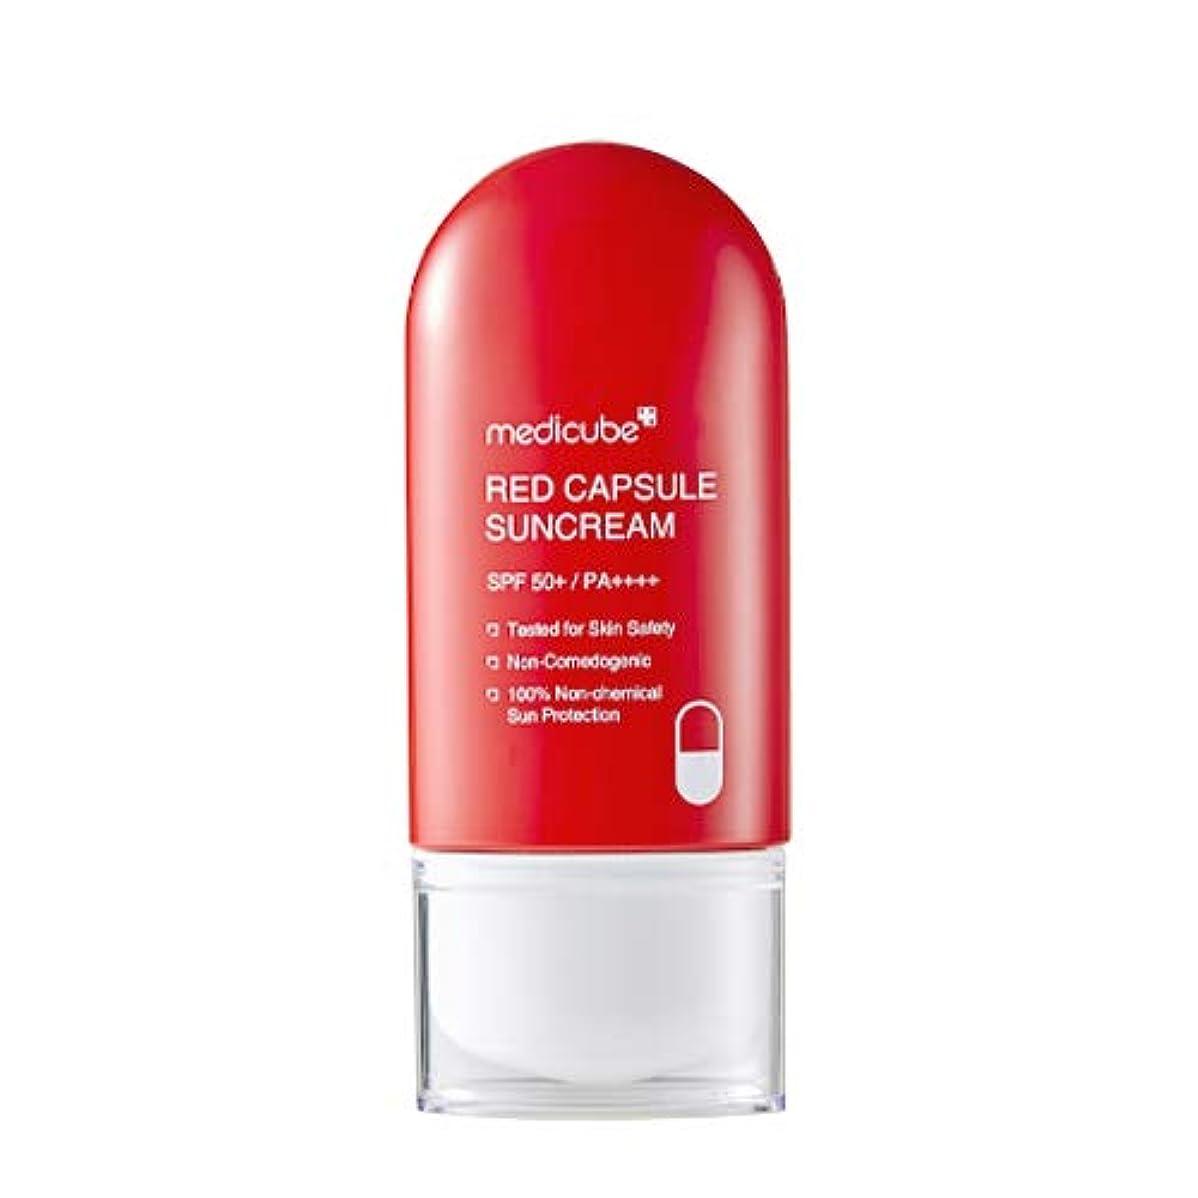 天誰も質素な[medicube] Red Capsule Suncream SPF50+/ PA++++ / [メディキューブ] レッドカプセルサンクリーム SPF50+/ PA++++ [並行輸入品]